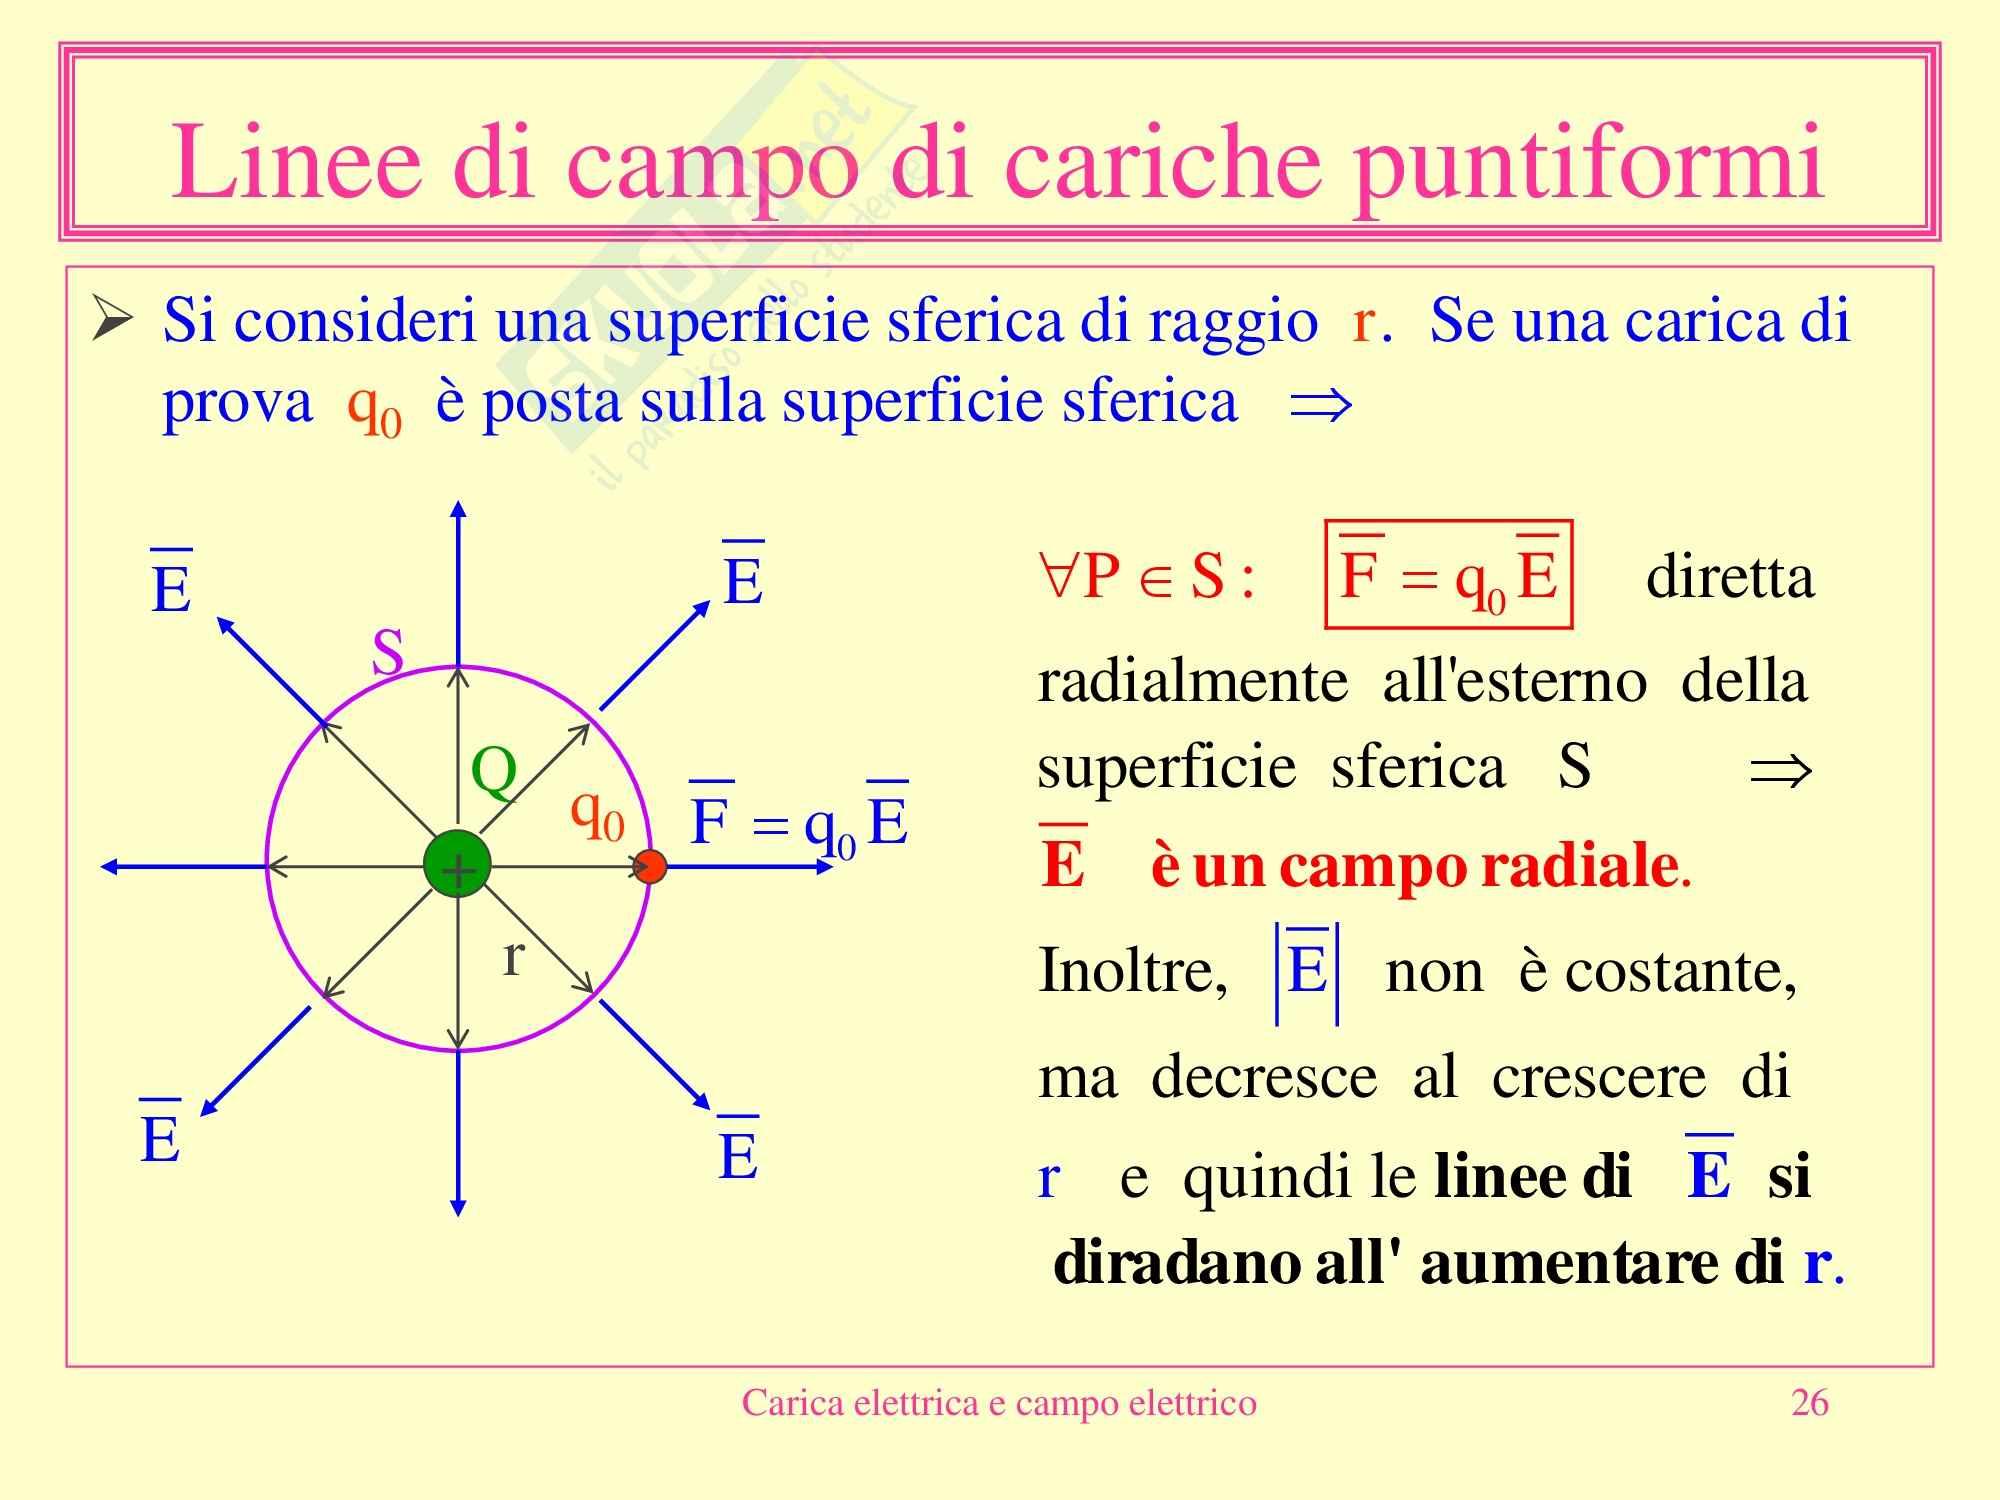 Fisica medica - Carica elettrica e campo elettrico Pag. 26